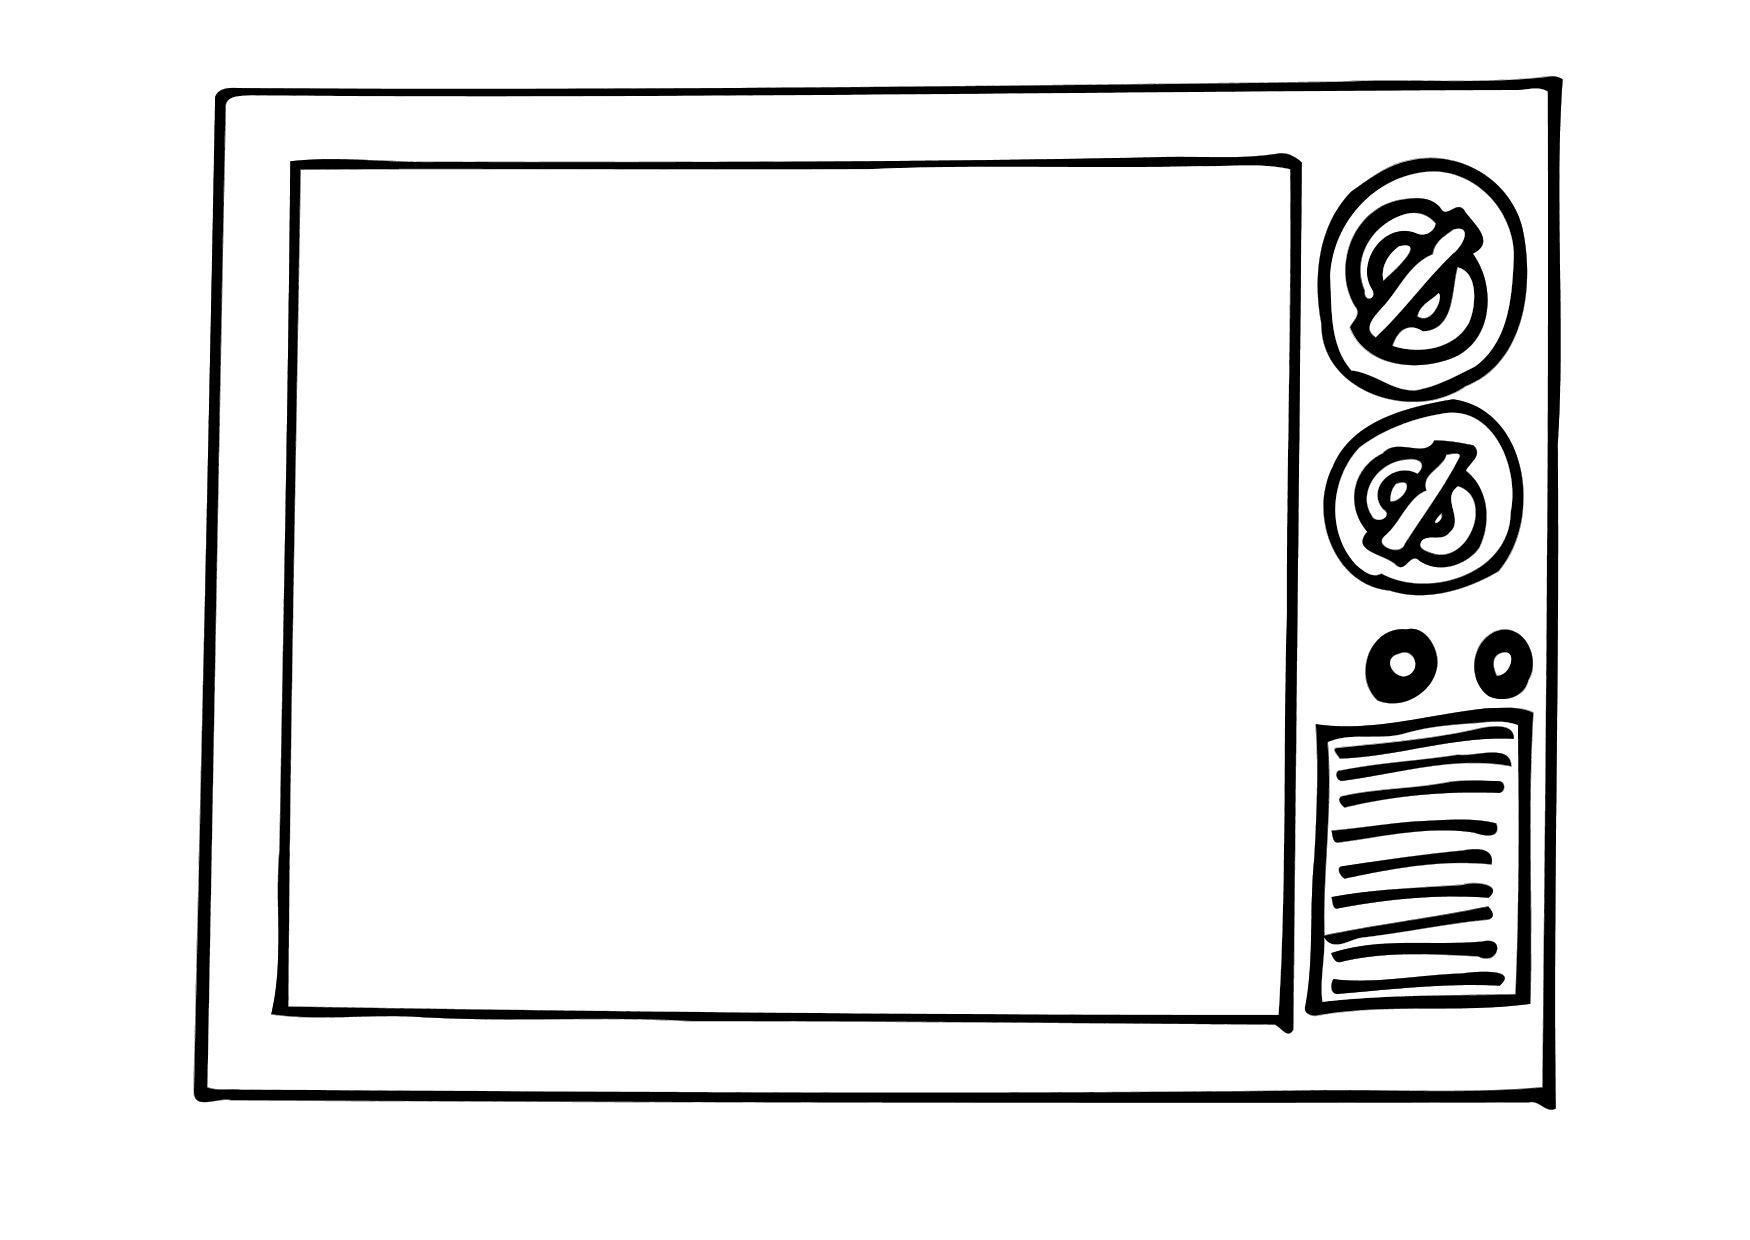 Disegno Televisione Da Colorare.Disegno Da Colorare Tv Disegni Da Colorare E Stampare Gratis